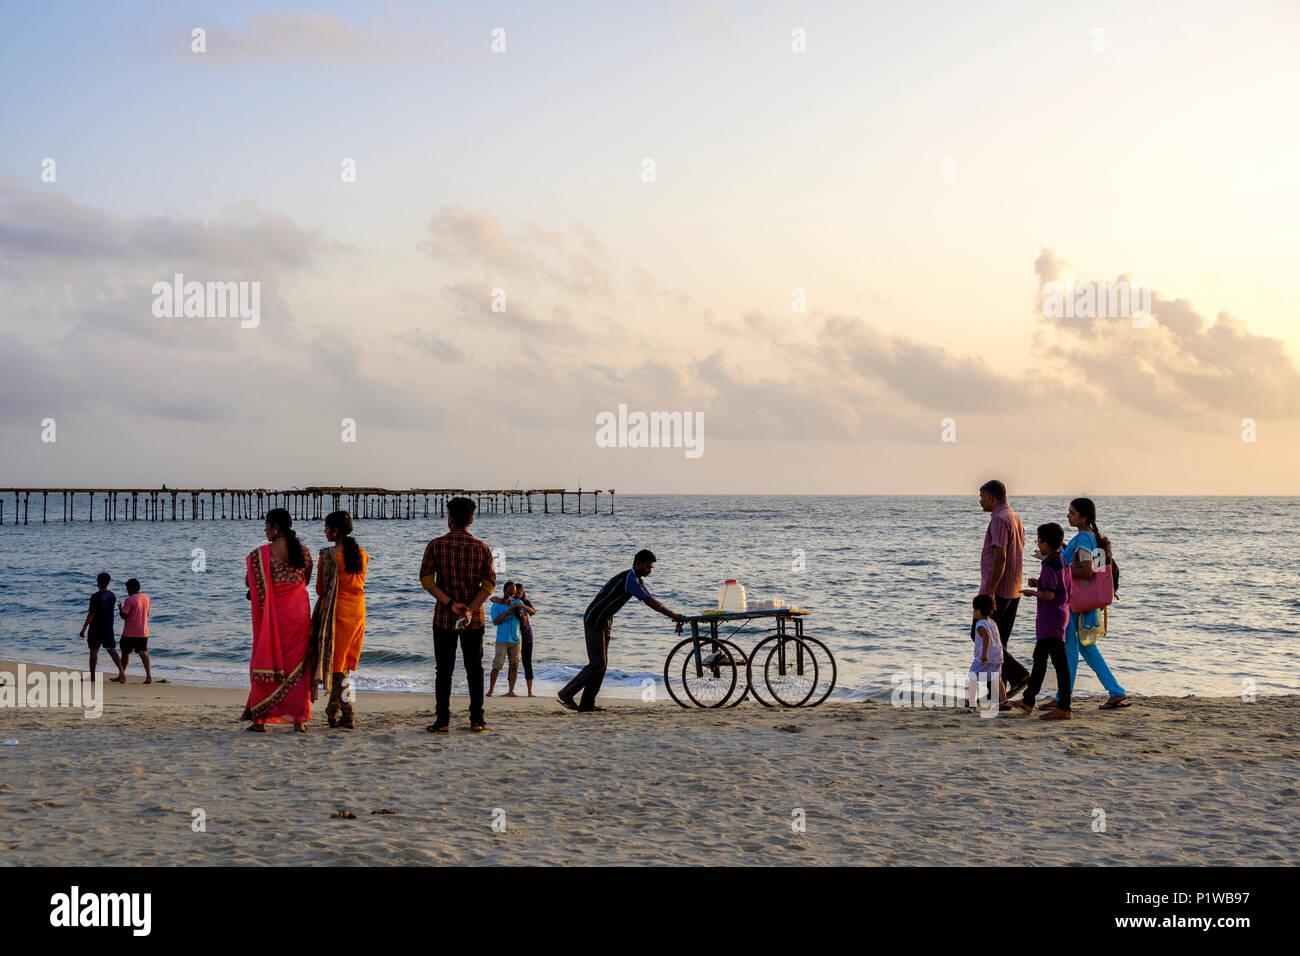 Per coloro che godono di un inizio di una passeggiata serale sulla Alleppey (o Alappuzha) spiaggia, Kerala, India. Immagini Stock